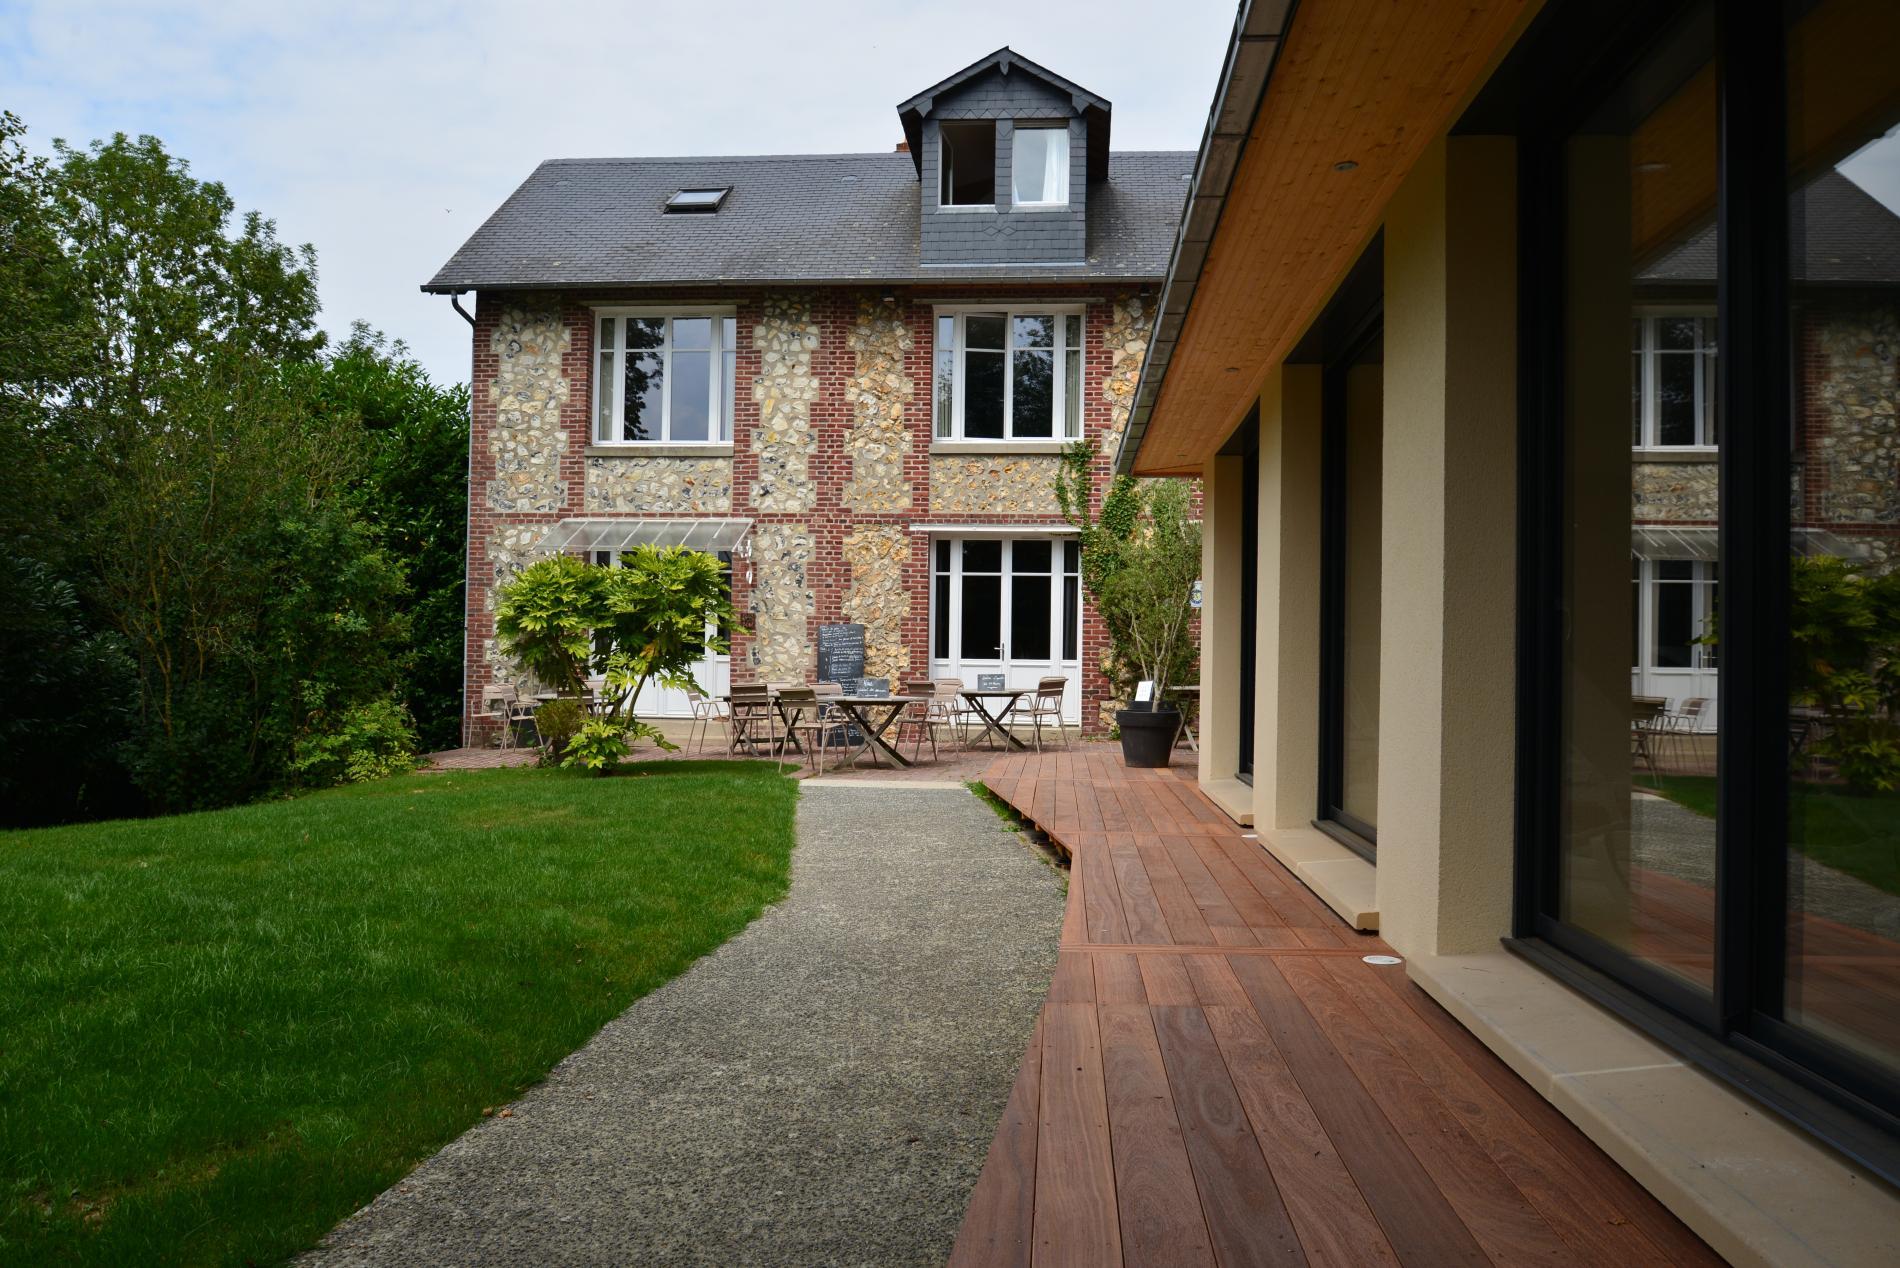 La Fraîchette - Hotel de charme en Normandie